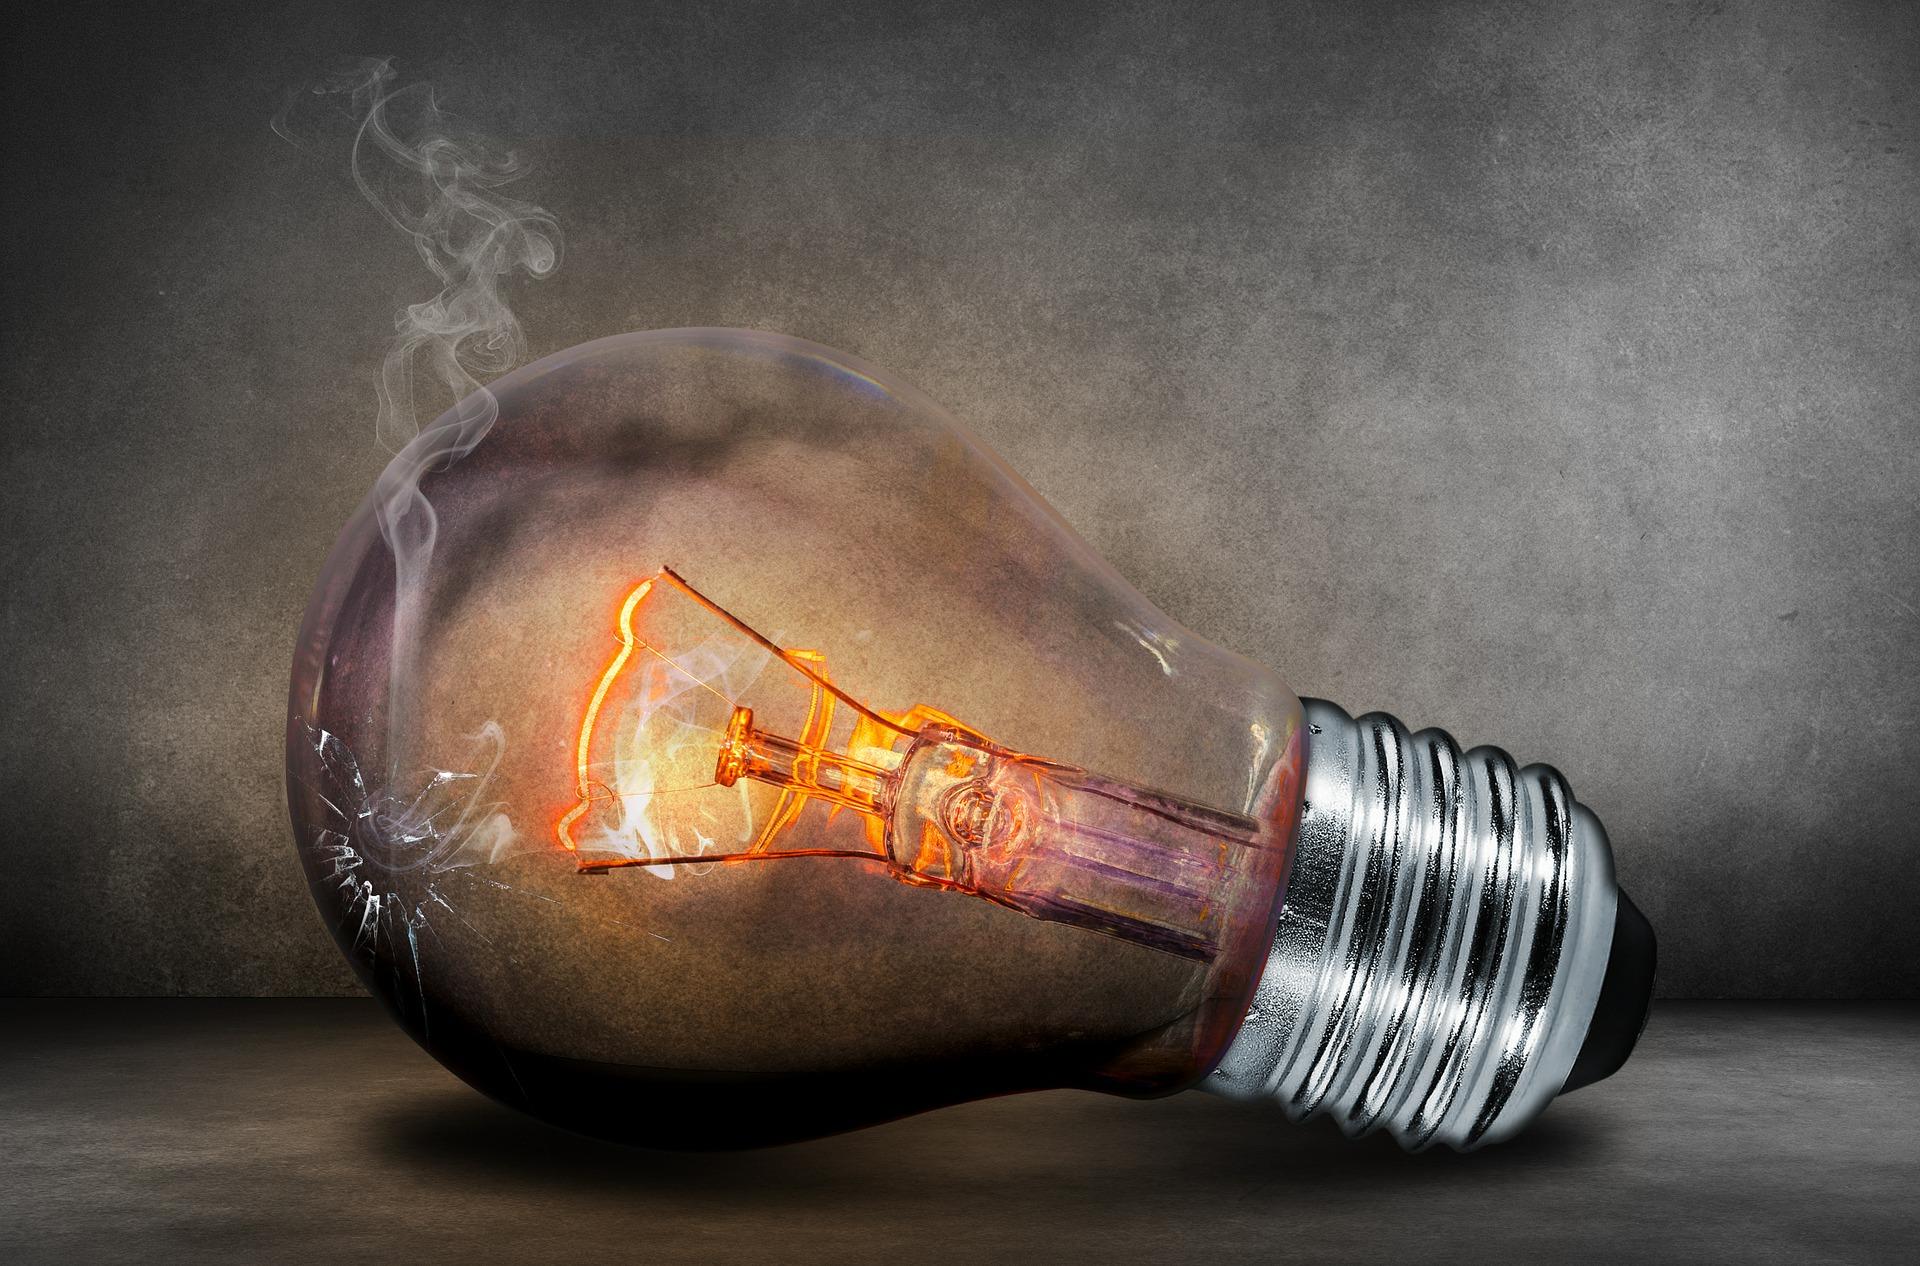 https://watt.co.uk/wp-content/uploads/2019/12/light-bulb-503881_1920.jpg